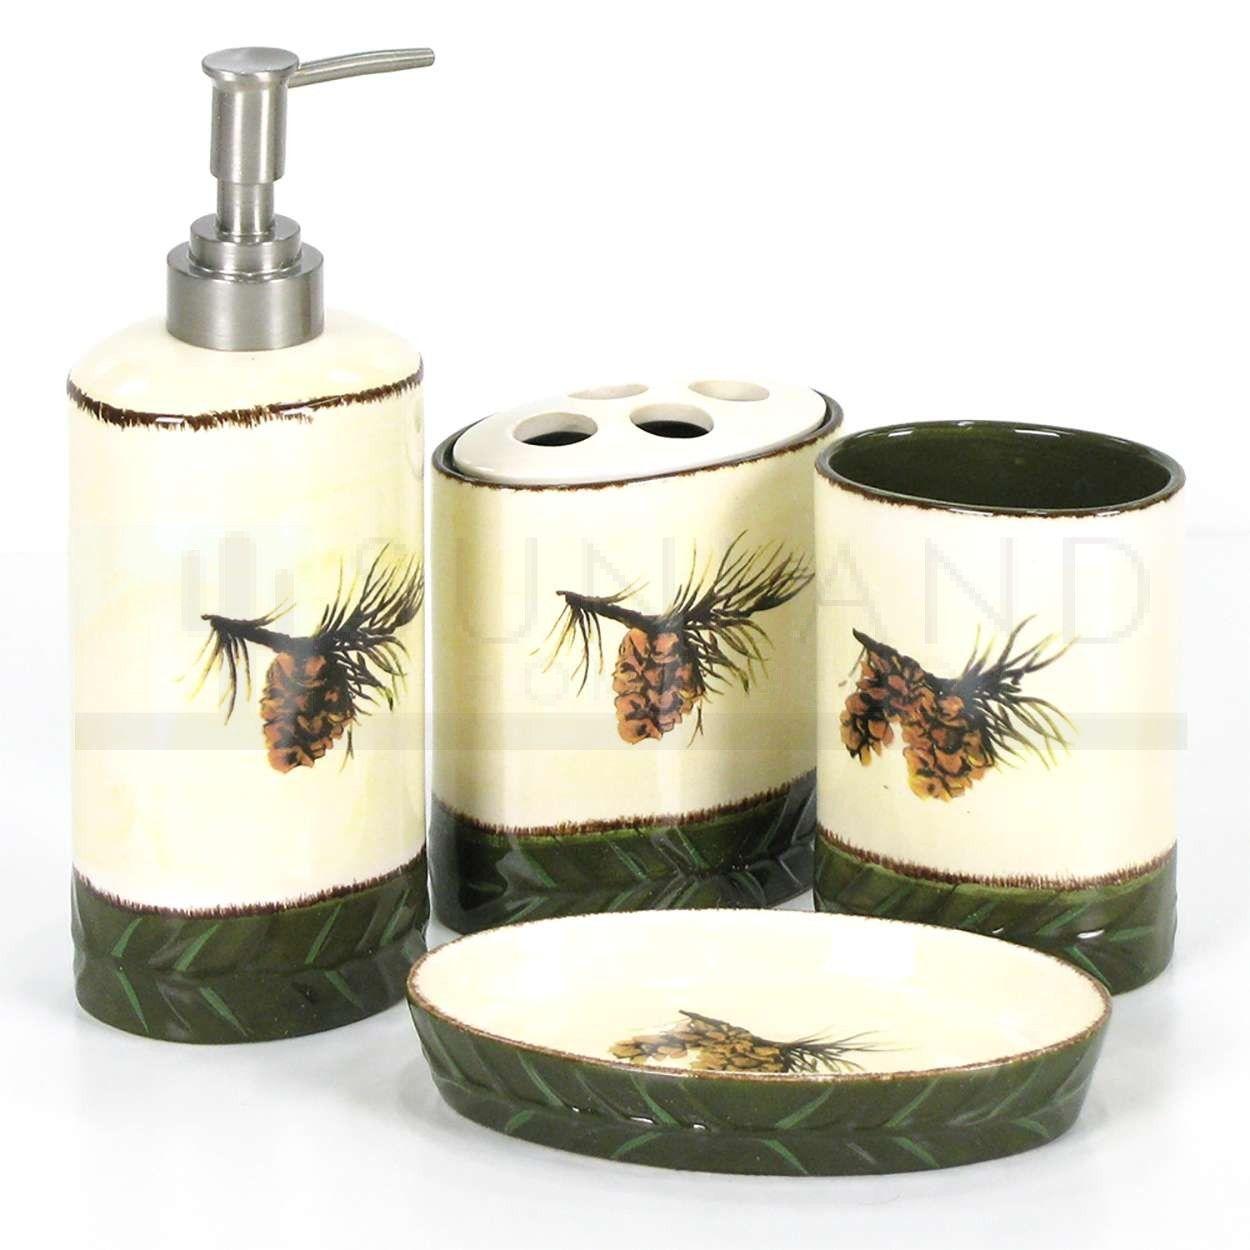 Sunland Home Decor: BA1800   4 Pc Bathroom Set   Pine Cone